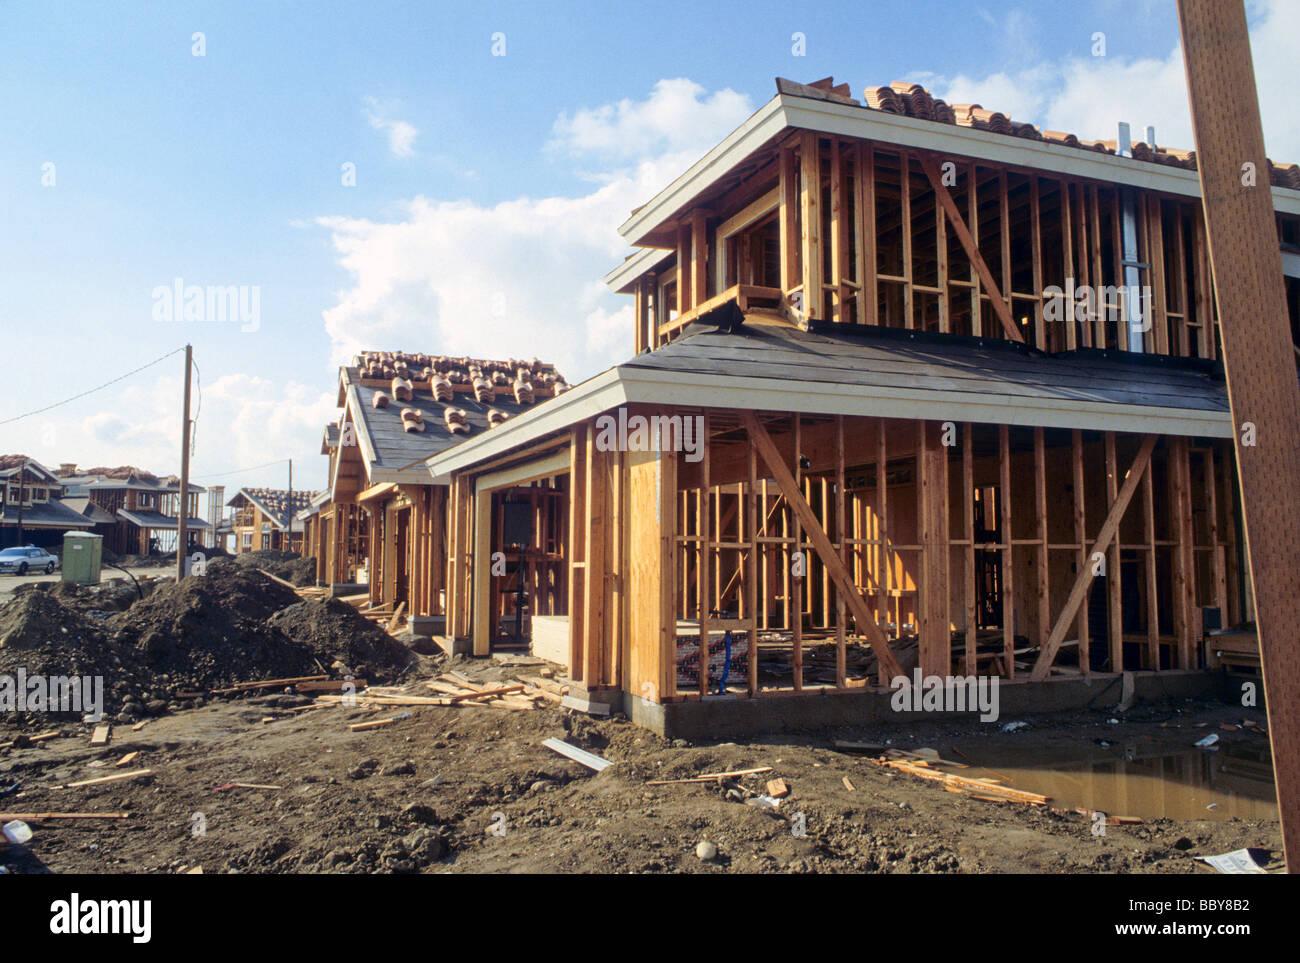 haus bauen bauen holz ständerwerk montieren holz dach starke kraft